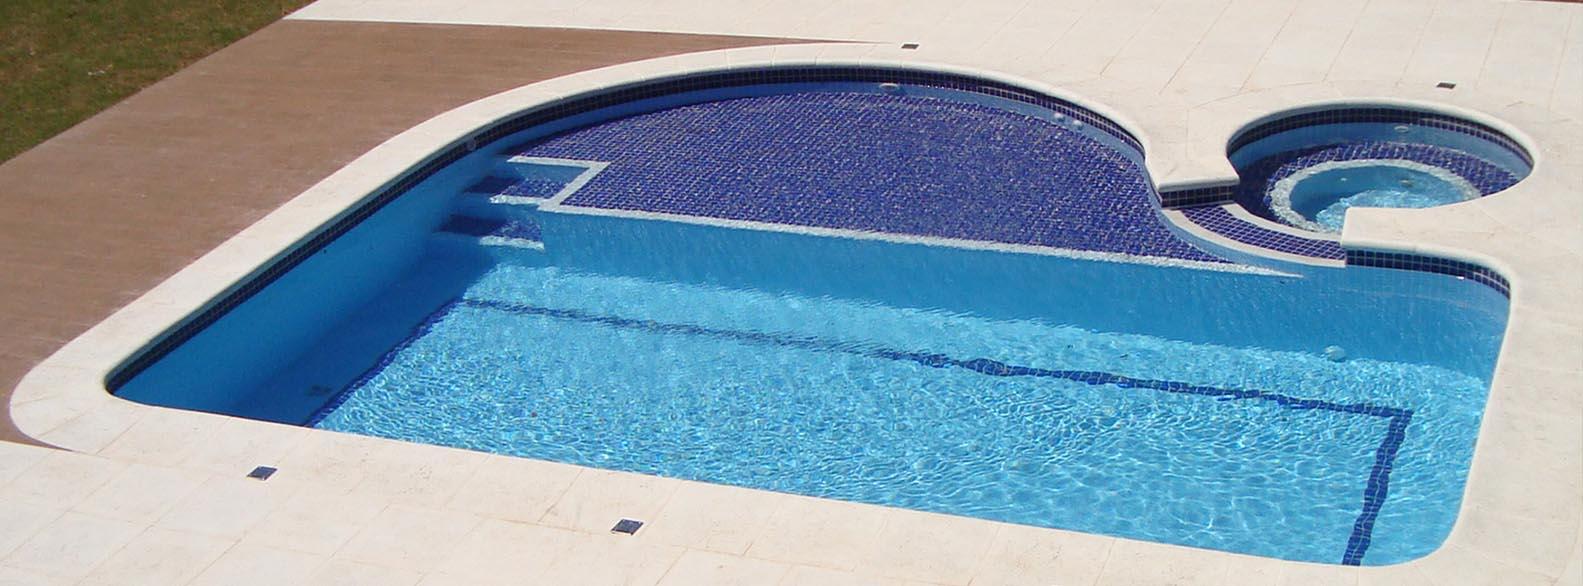 Piscina de azulejo piscina de concreto e piscina de alvenaria for Piscina 7 de agosto